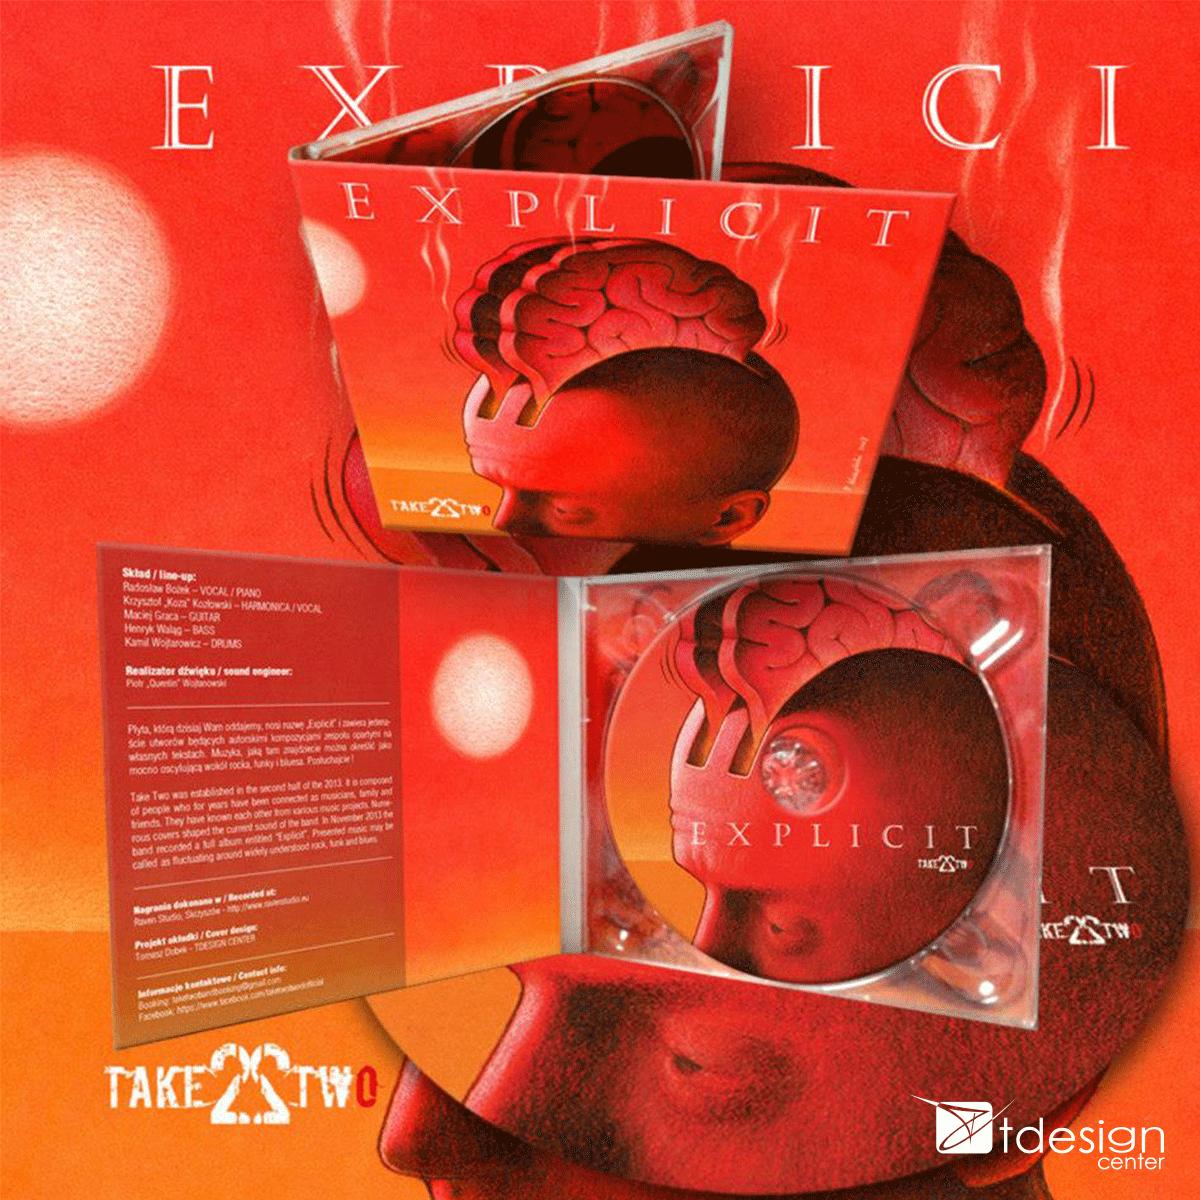 Okładka, płyta CD, projekt+druk